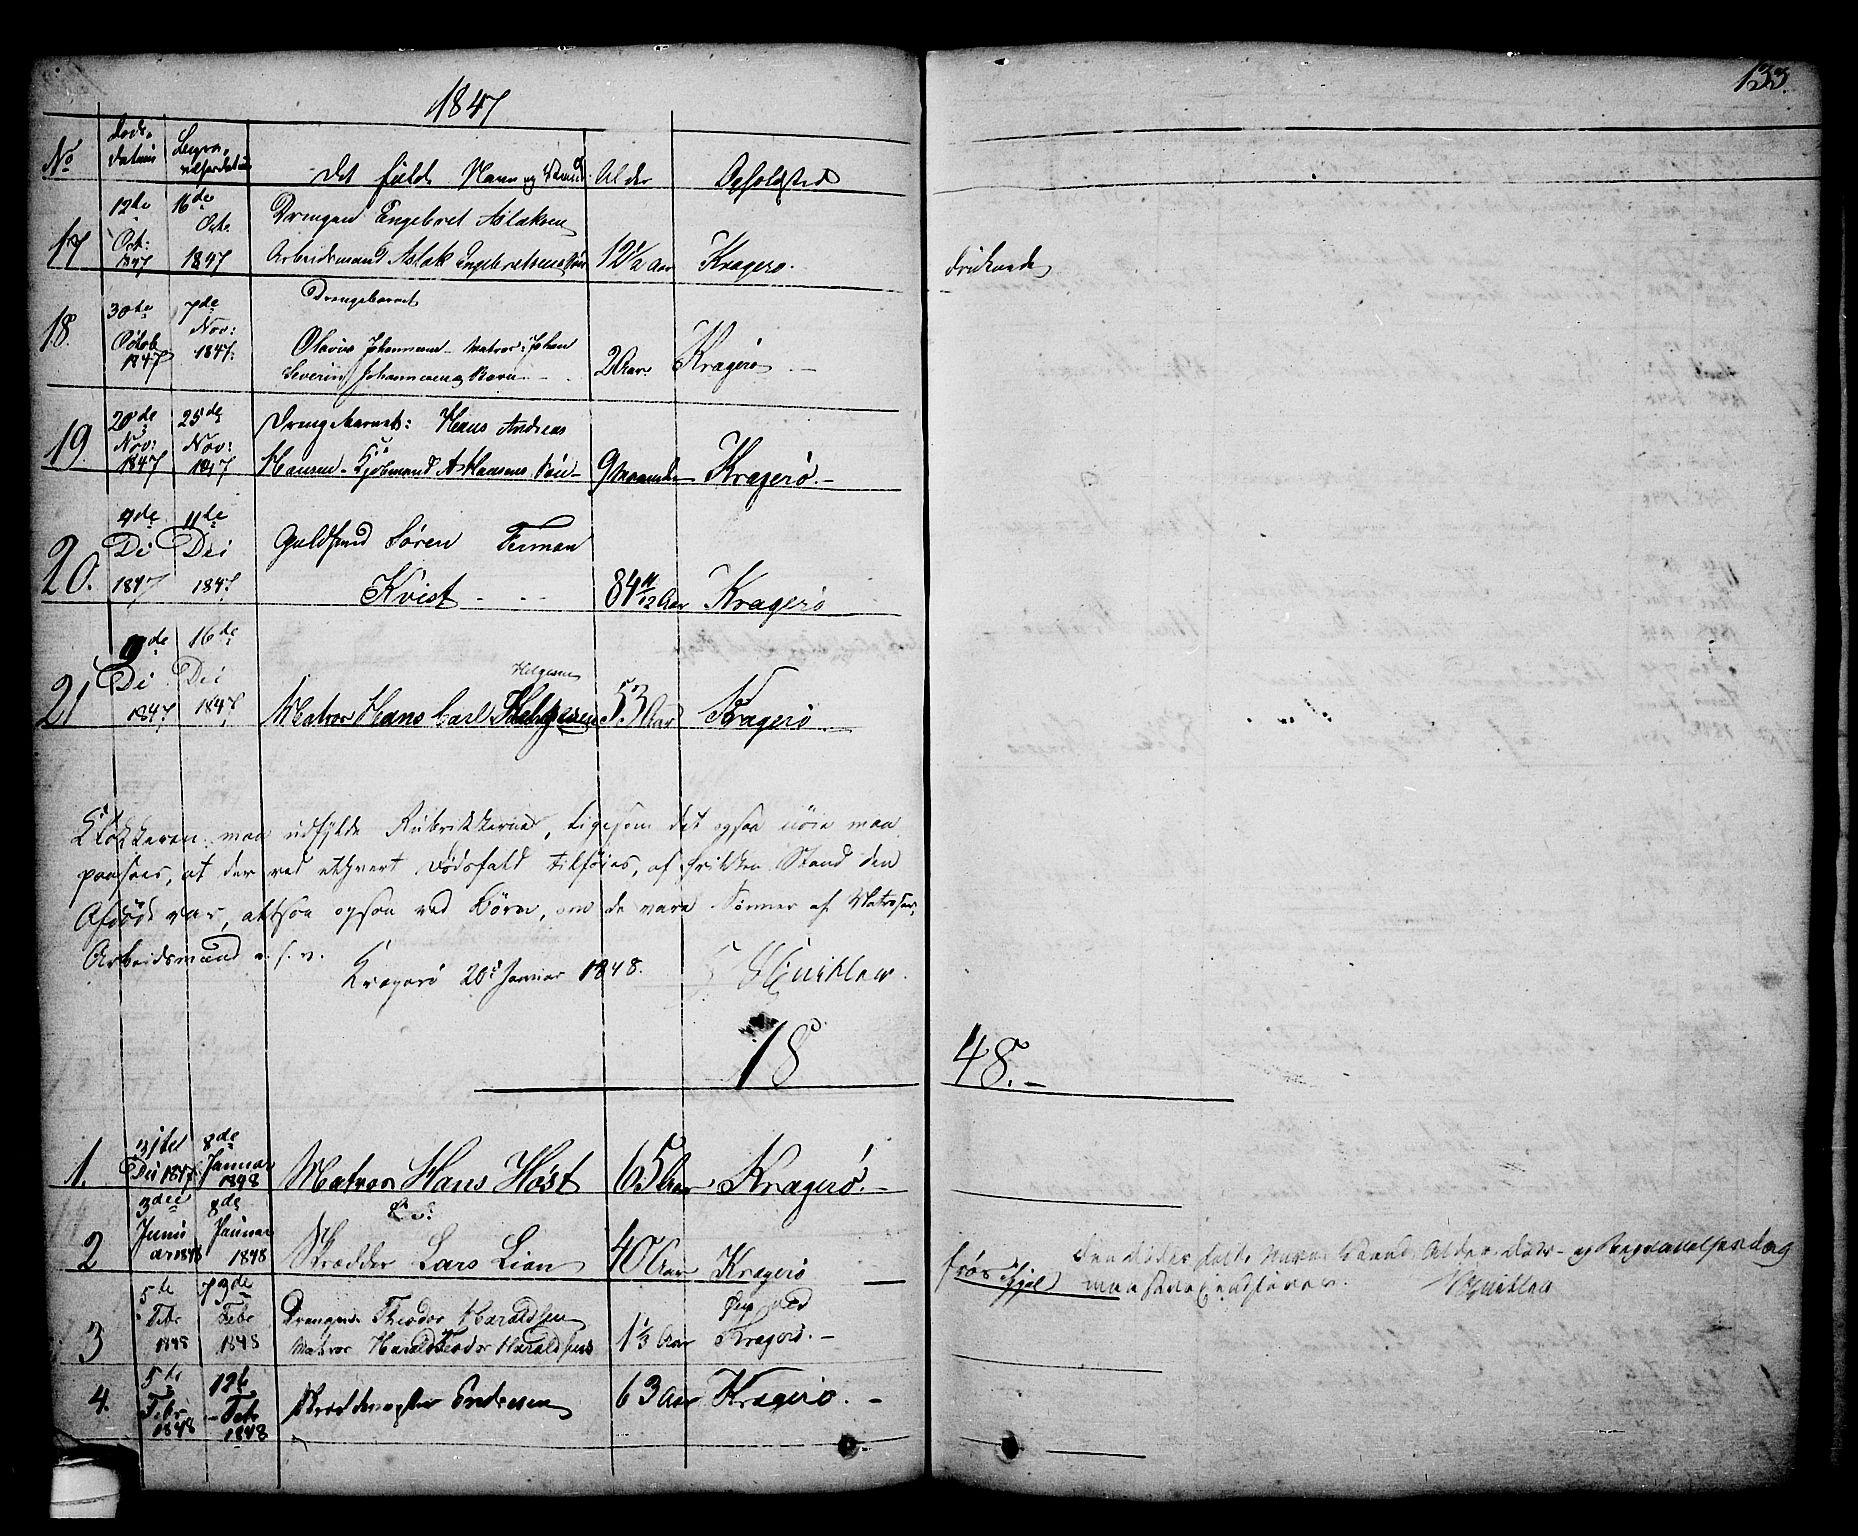 SAKO, Kragerø kirkebøker, G/Ga/L0003: Klokkerbok nr. 3, 1832-1852, s. 133